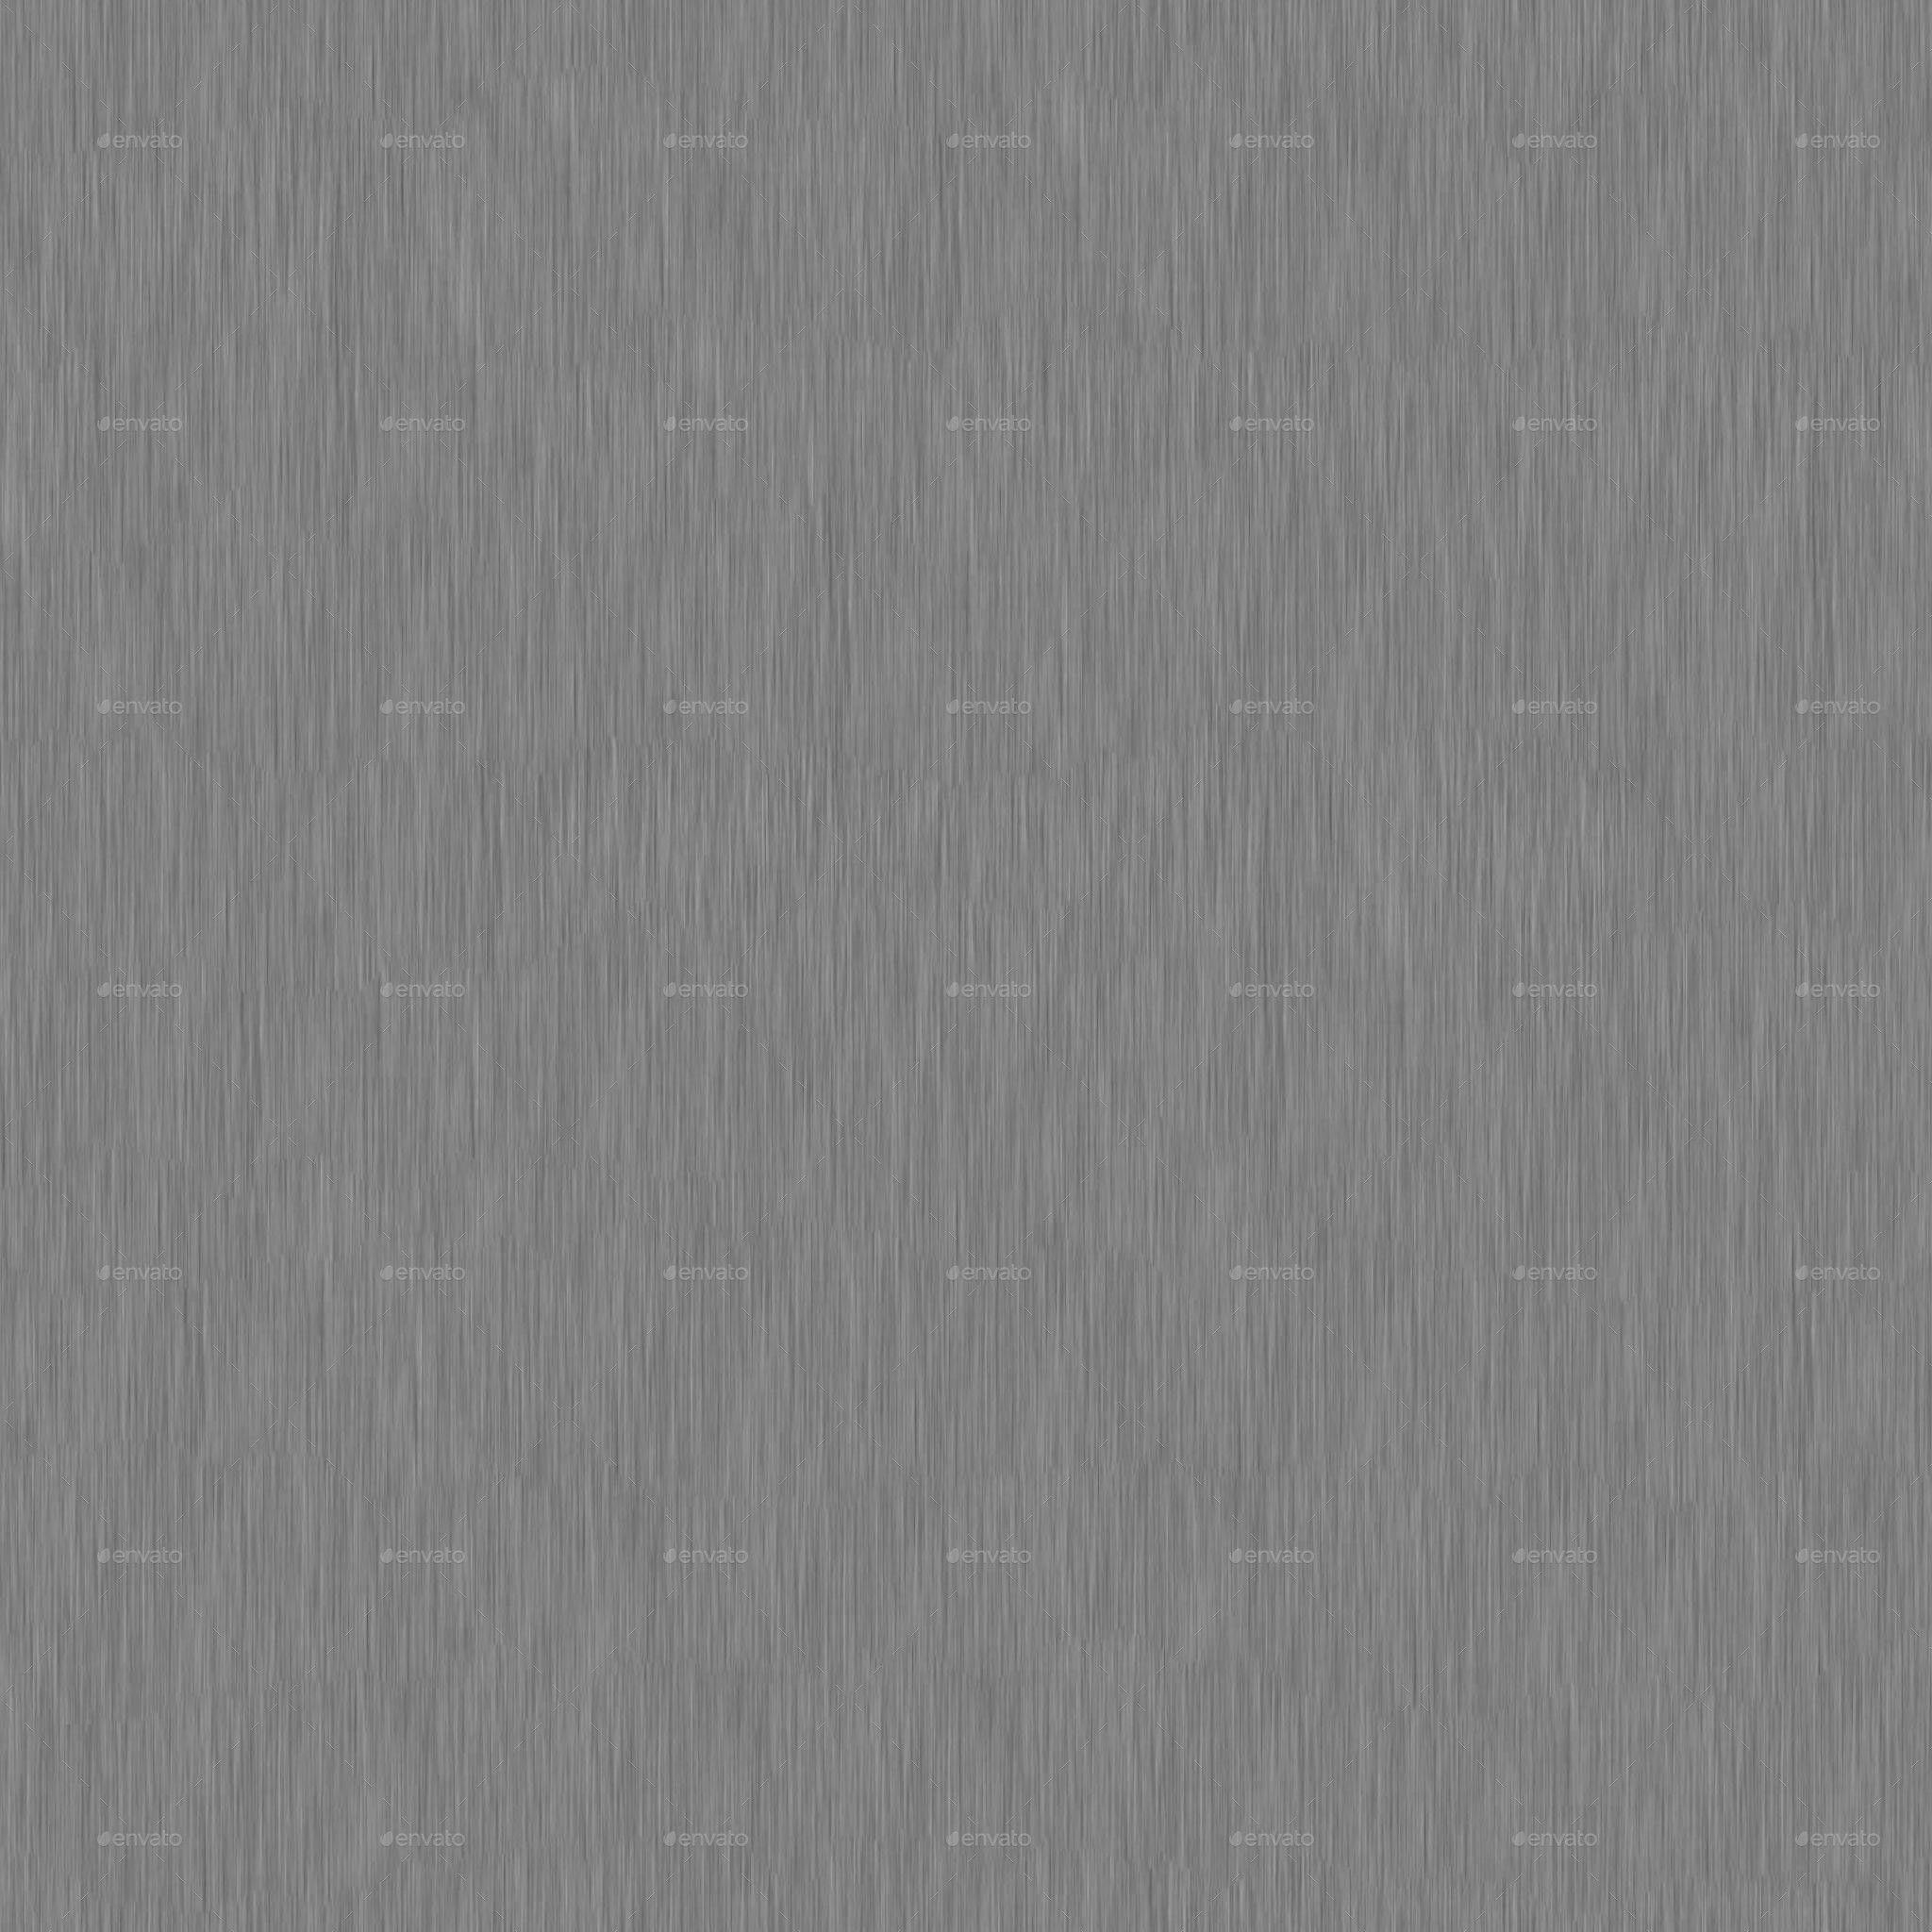 Brushed Metal Seamless Texture Set Volume 1 Seamless Textures